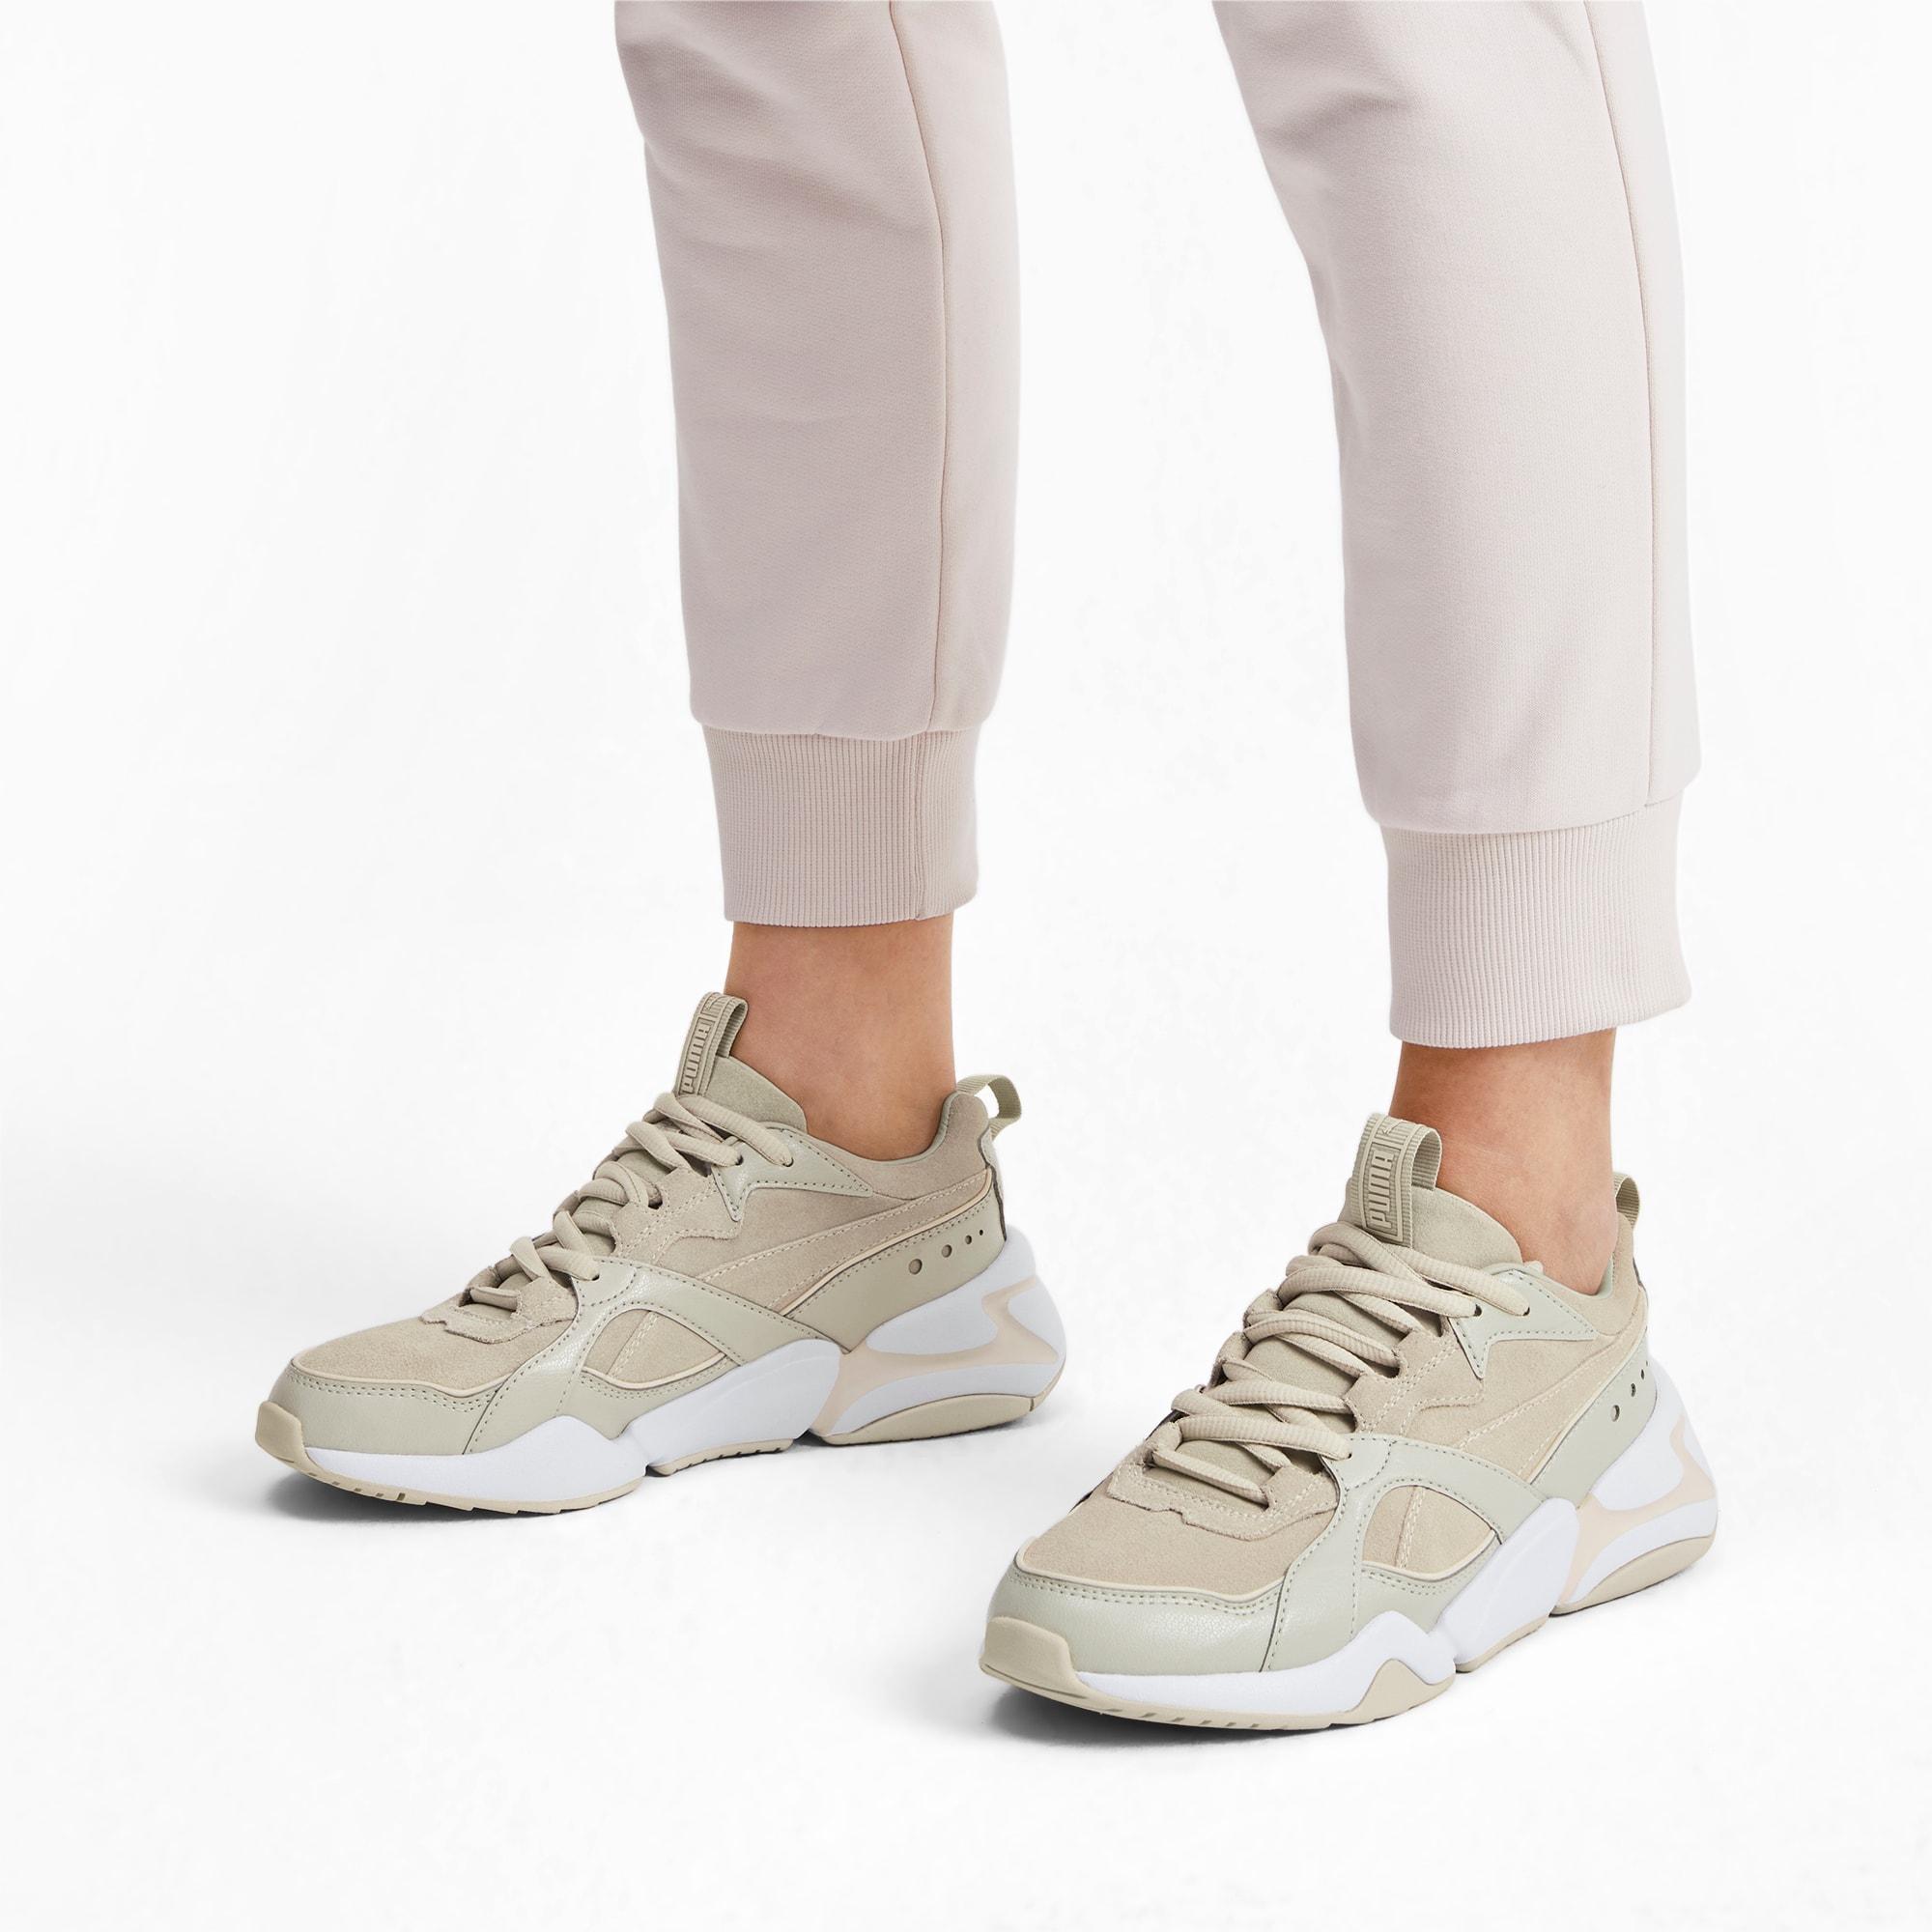 Nova 2 Suede Women's Sneakers